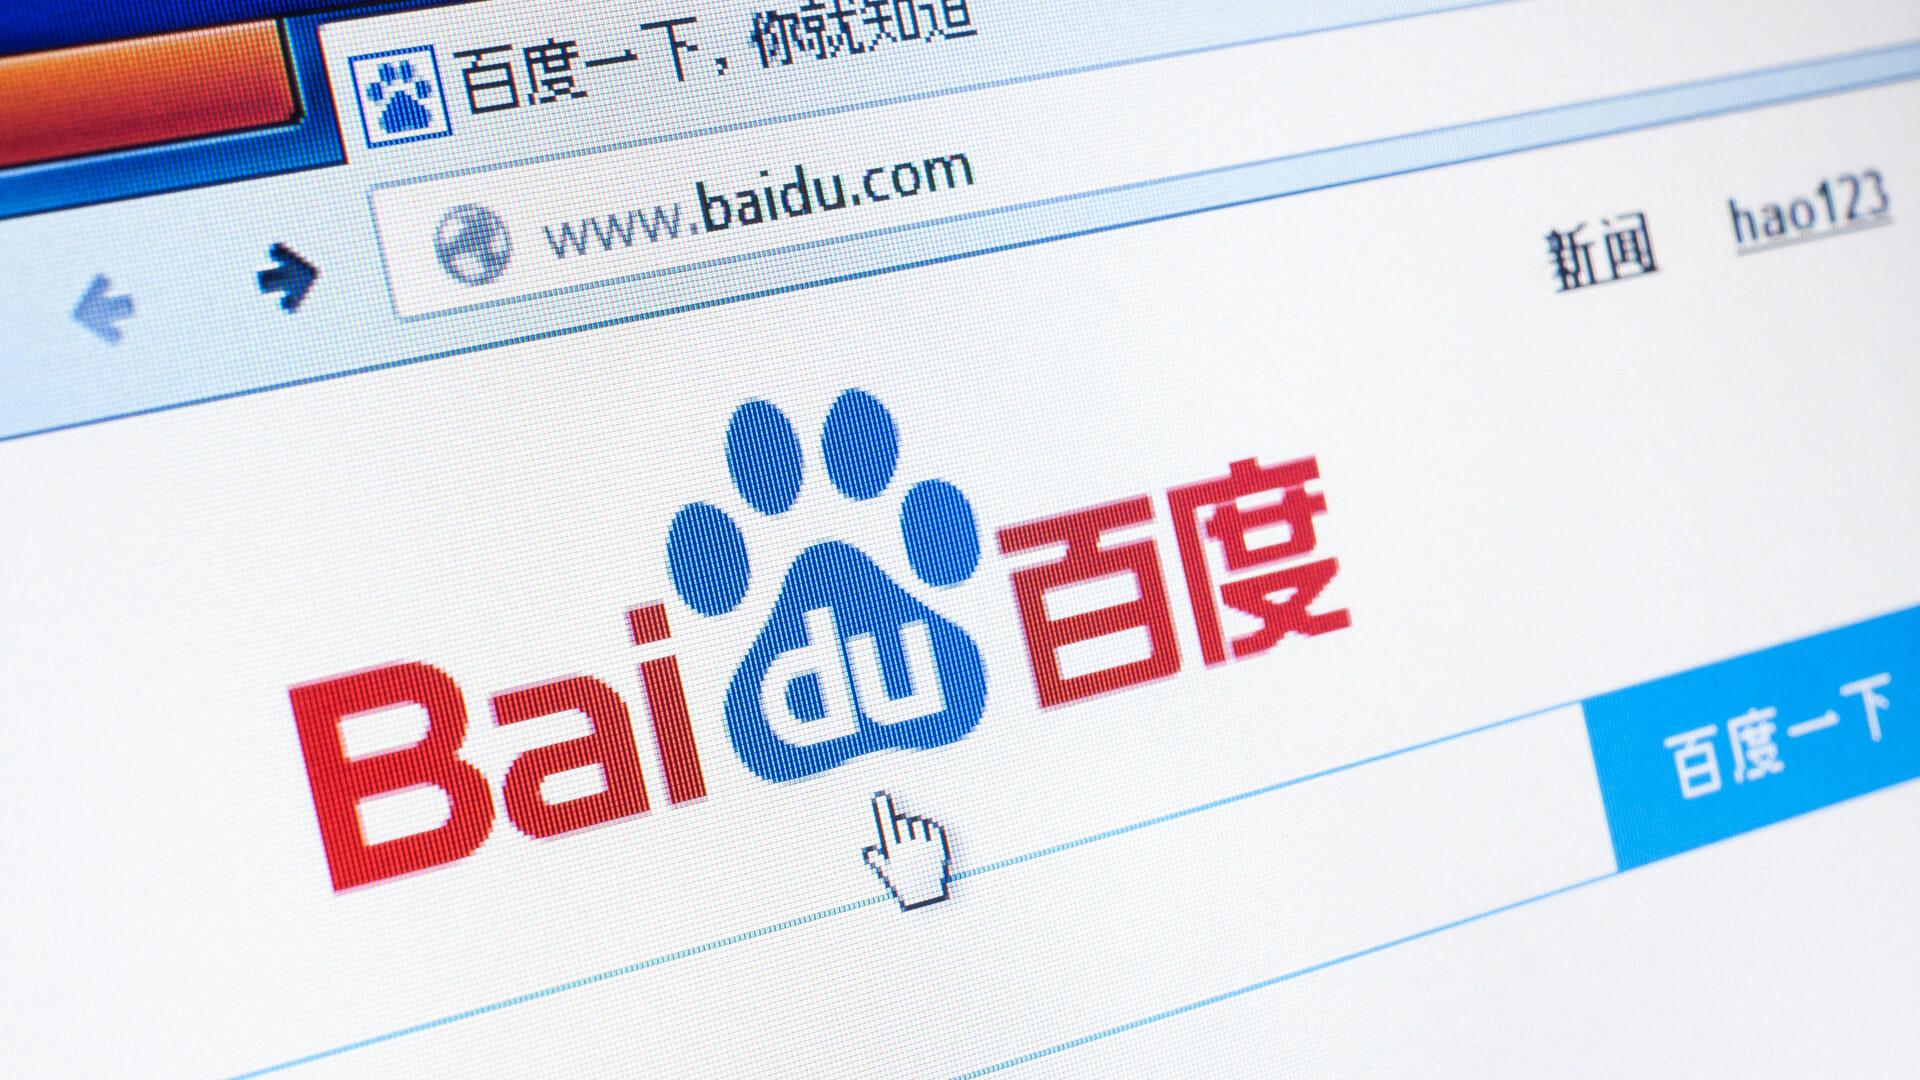 ¿De dónde salió esta iniciativa de Baidu?